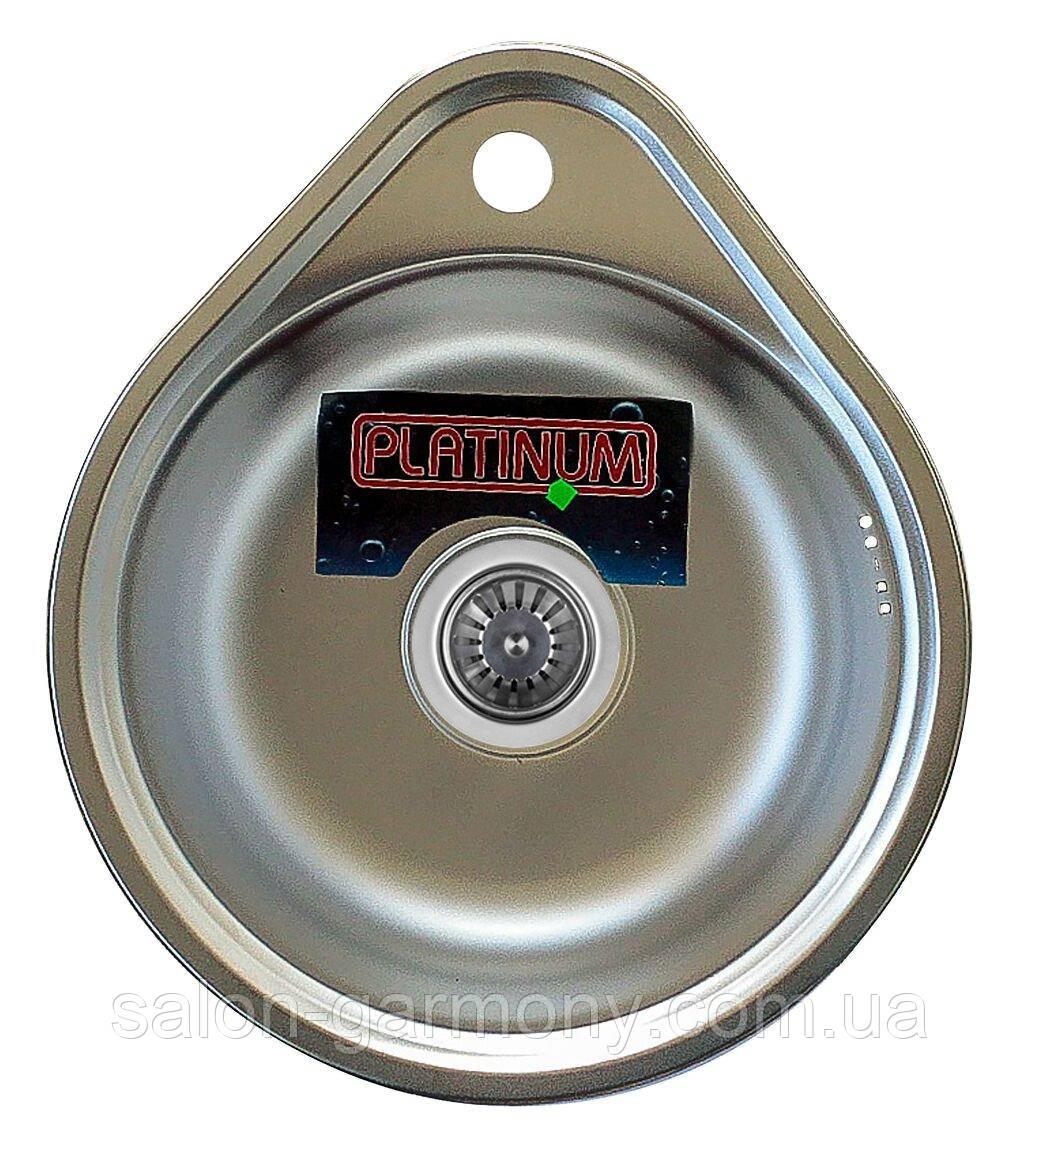 Кухонная мойка из нержавеющей стали Platinum 4539 САТИН 0,6 / 170